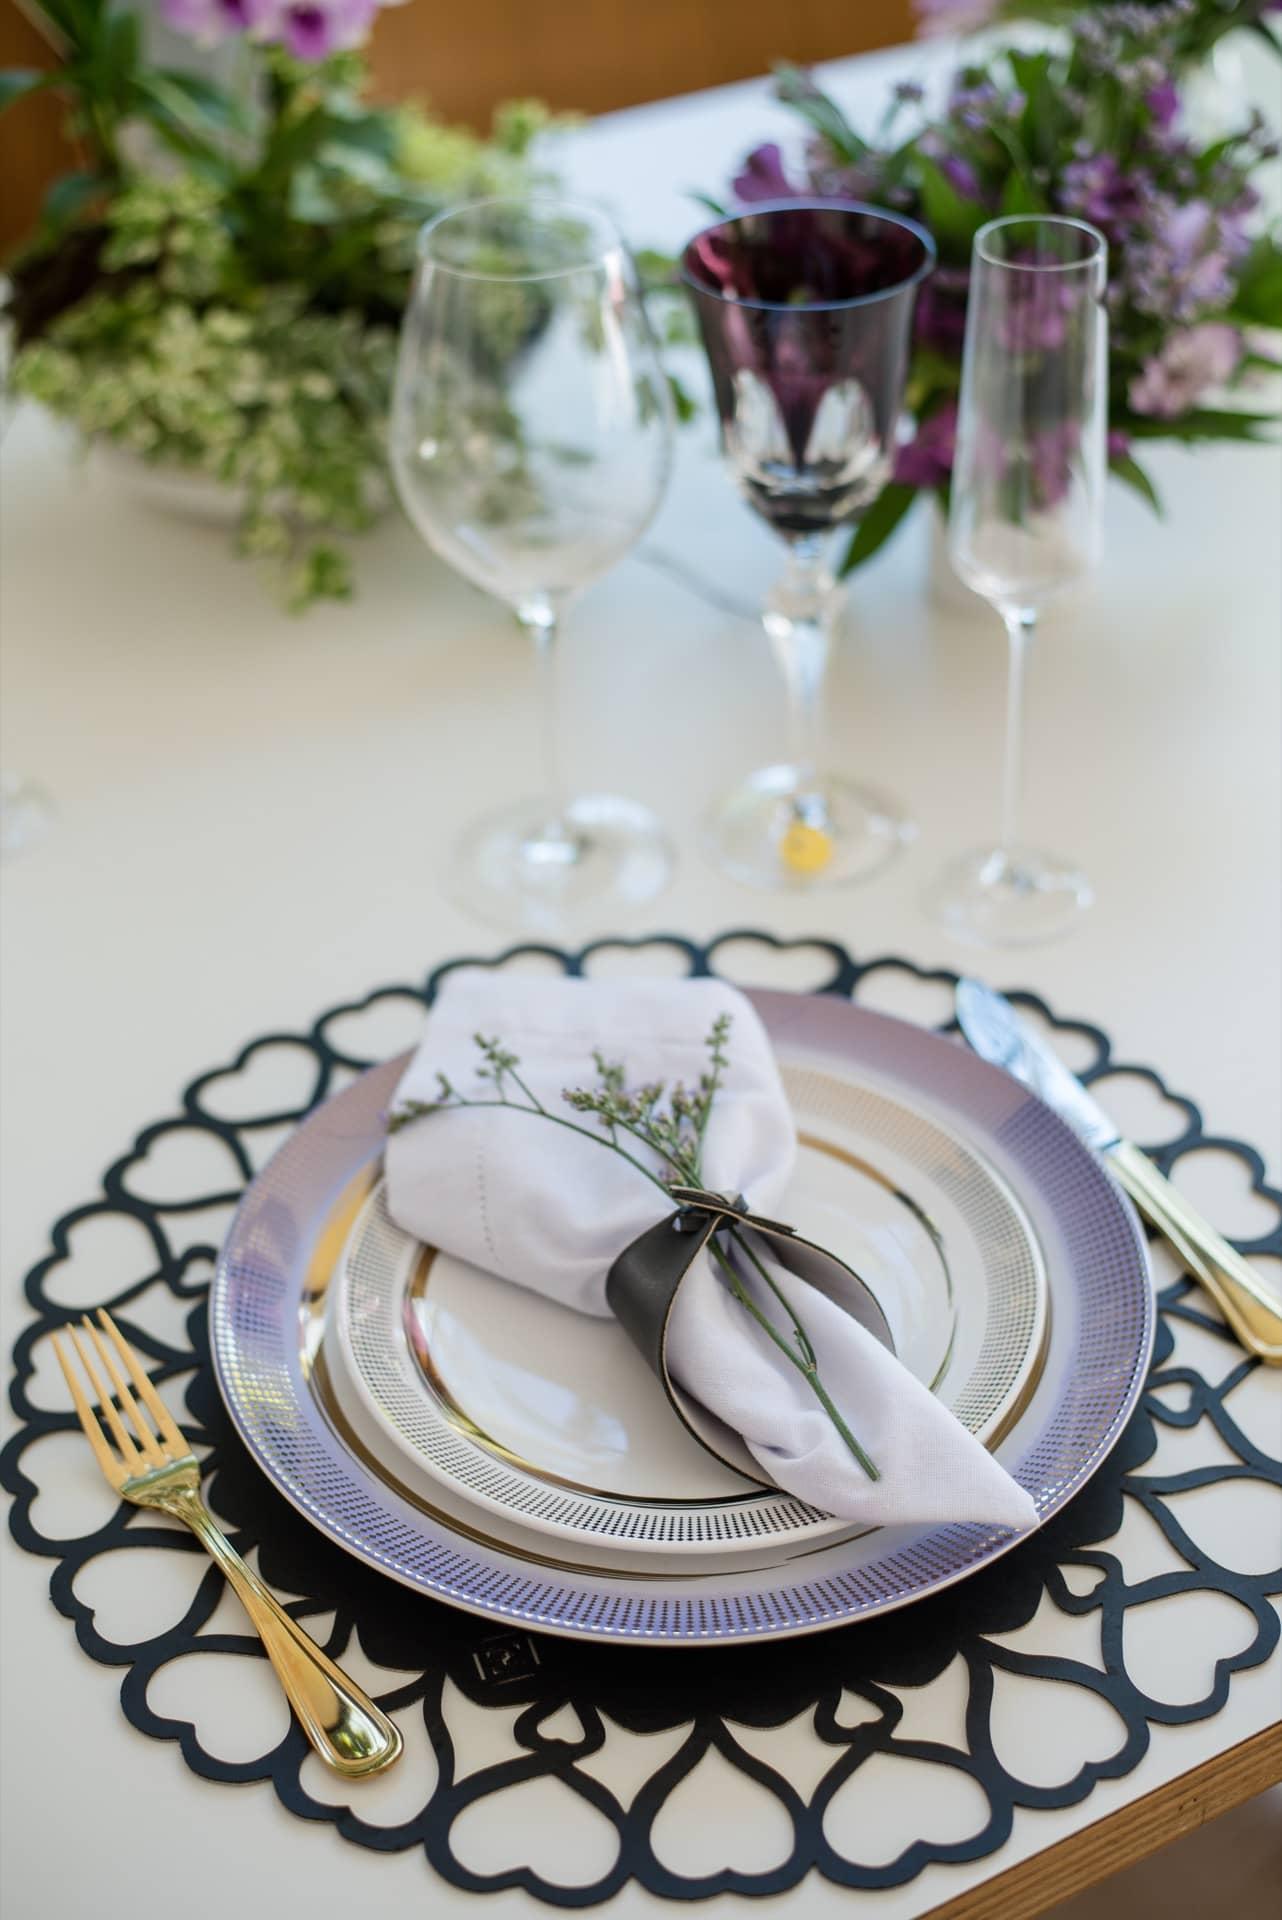 Imagem: Repare na harmonia entre os tons de rosa, lilás e vinho, presentes na porcelana, na taça de cristal overlay e nos arranjos de flores. Foto: Karla Rudnick.